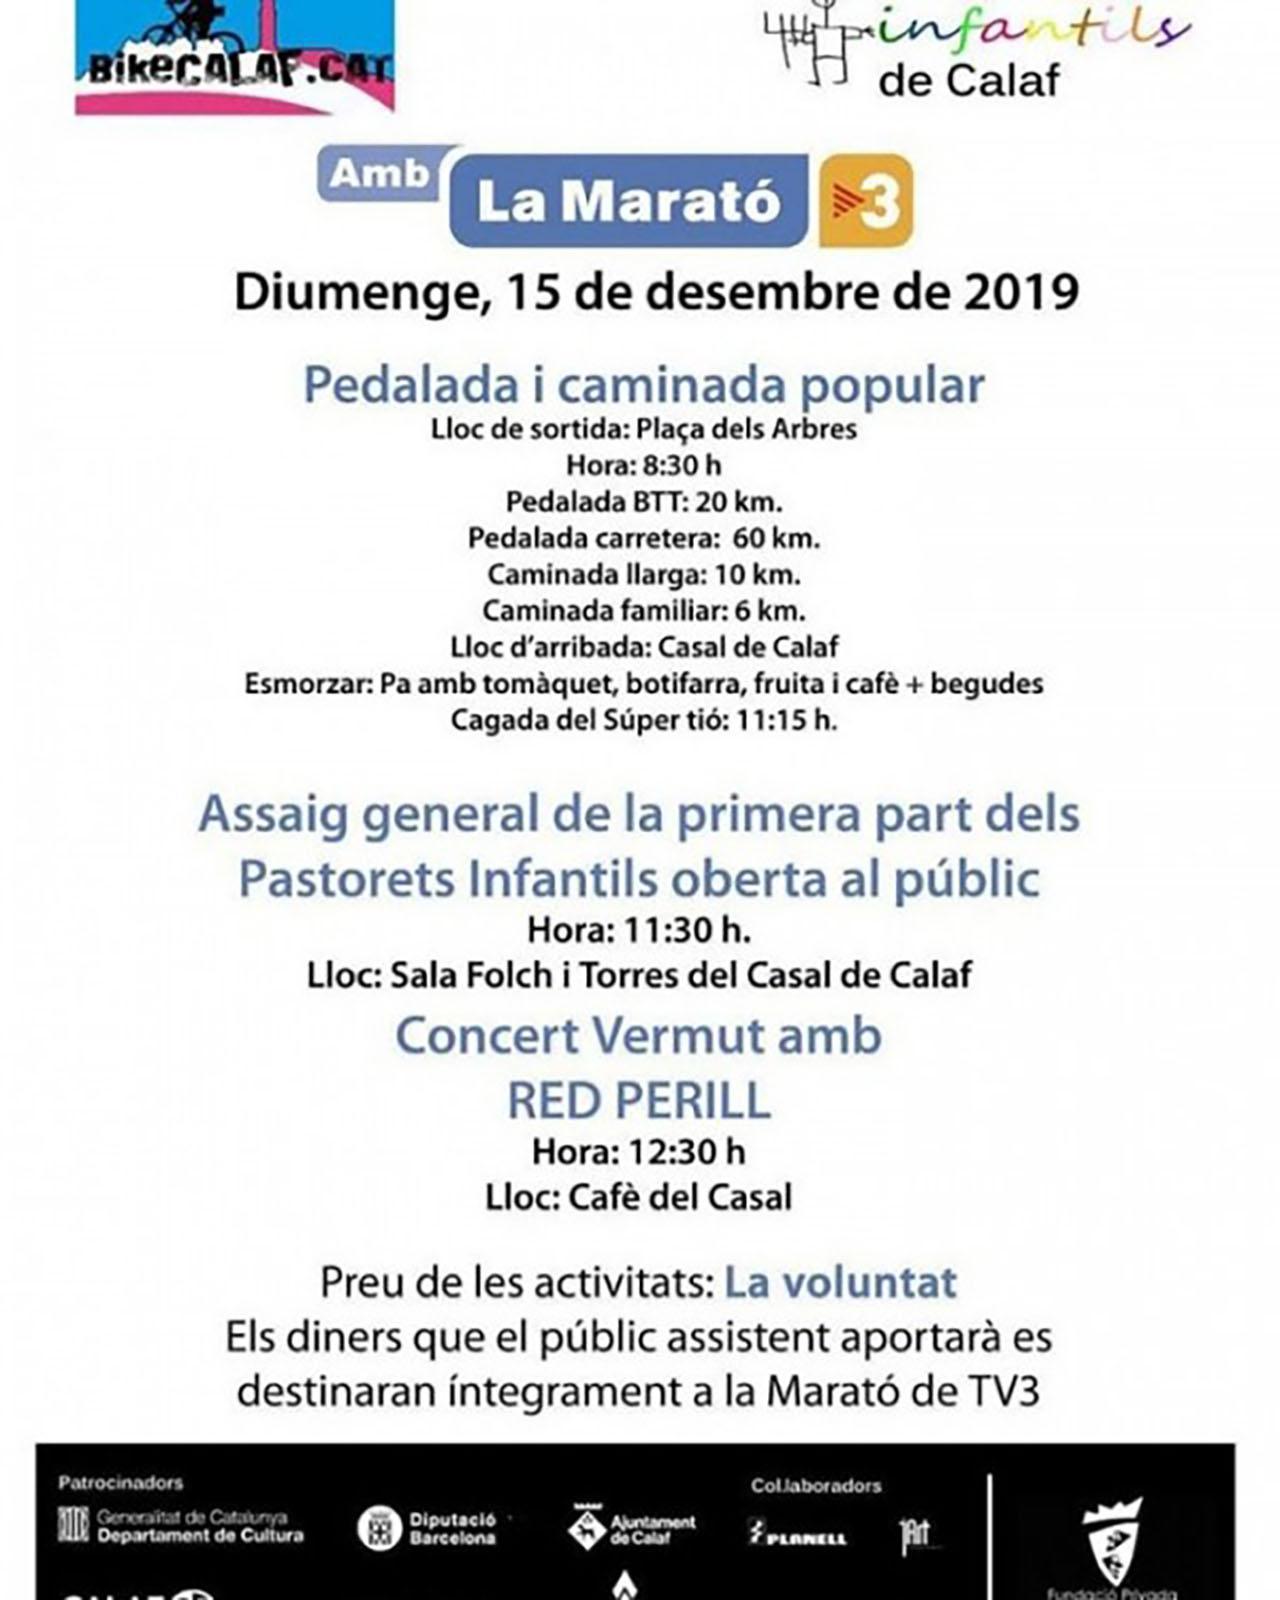 cartell Actes de la Marató de TV3 a Calaf